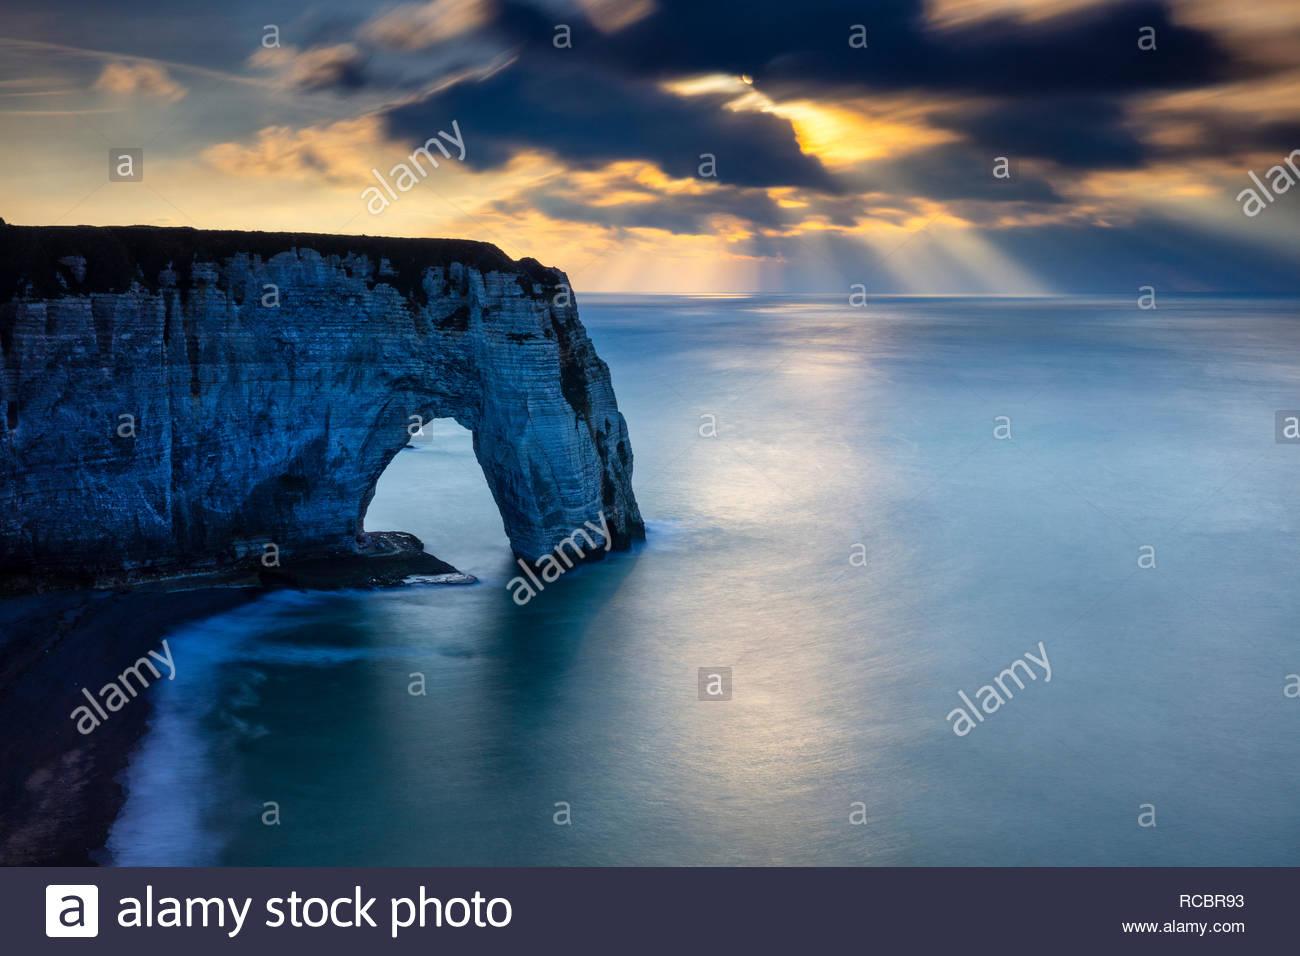 Sonnenstrahlen, auch als Gott strahlen bekannt, über den Atlantischen Ozean und ein großes Meer arch genannt Manneporte in den späten Nachmittag in Étretat, Franc form Stockbild